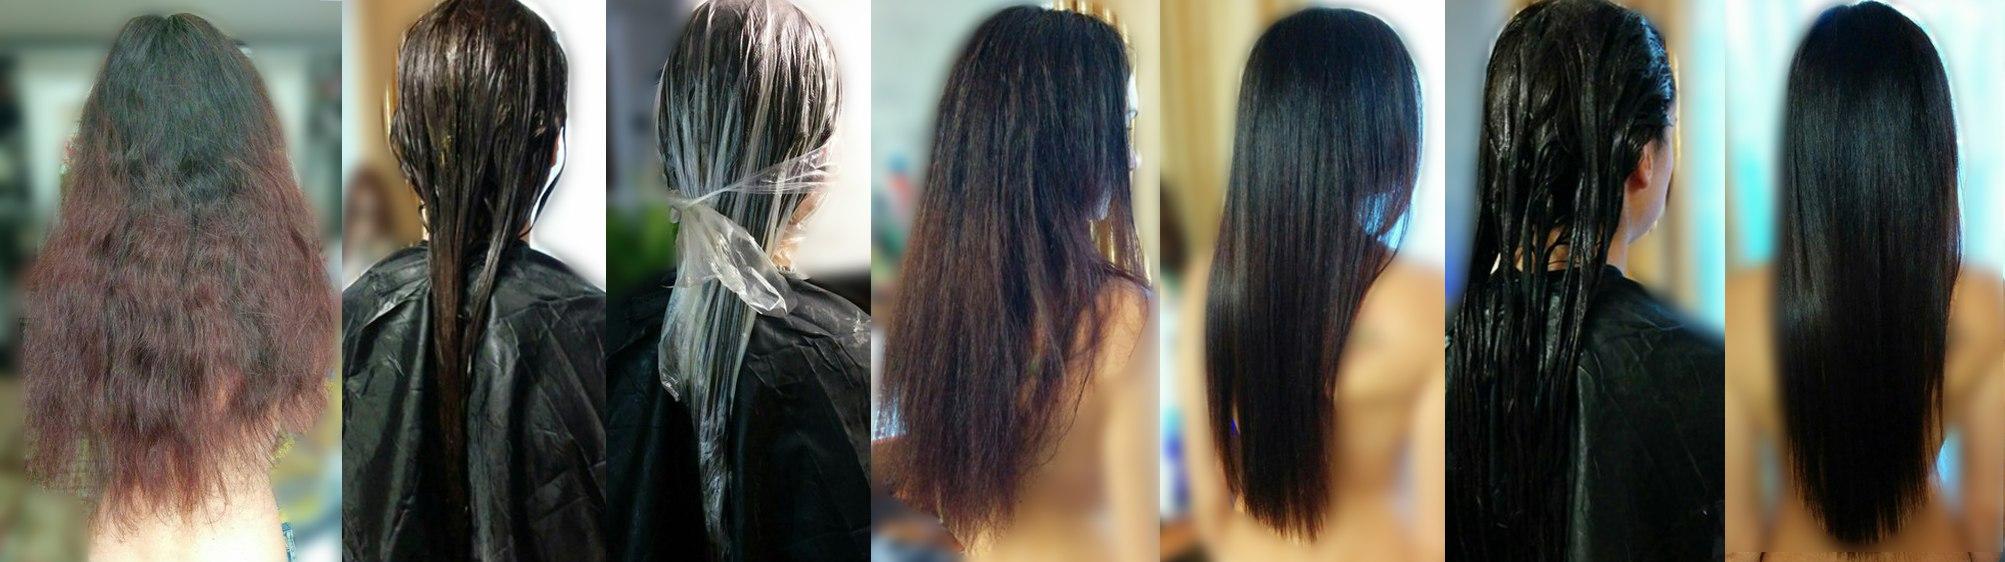 перманентное выпрямление волос от GOLDWELL голдвелл выпрямление волос навсегда Straight & Shine в Севастополе товары из Китая